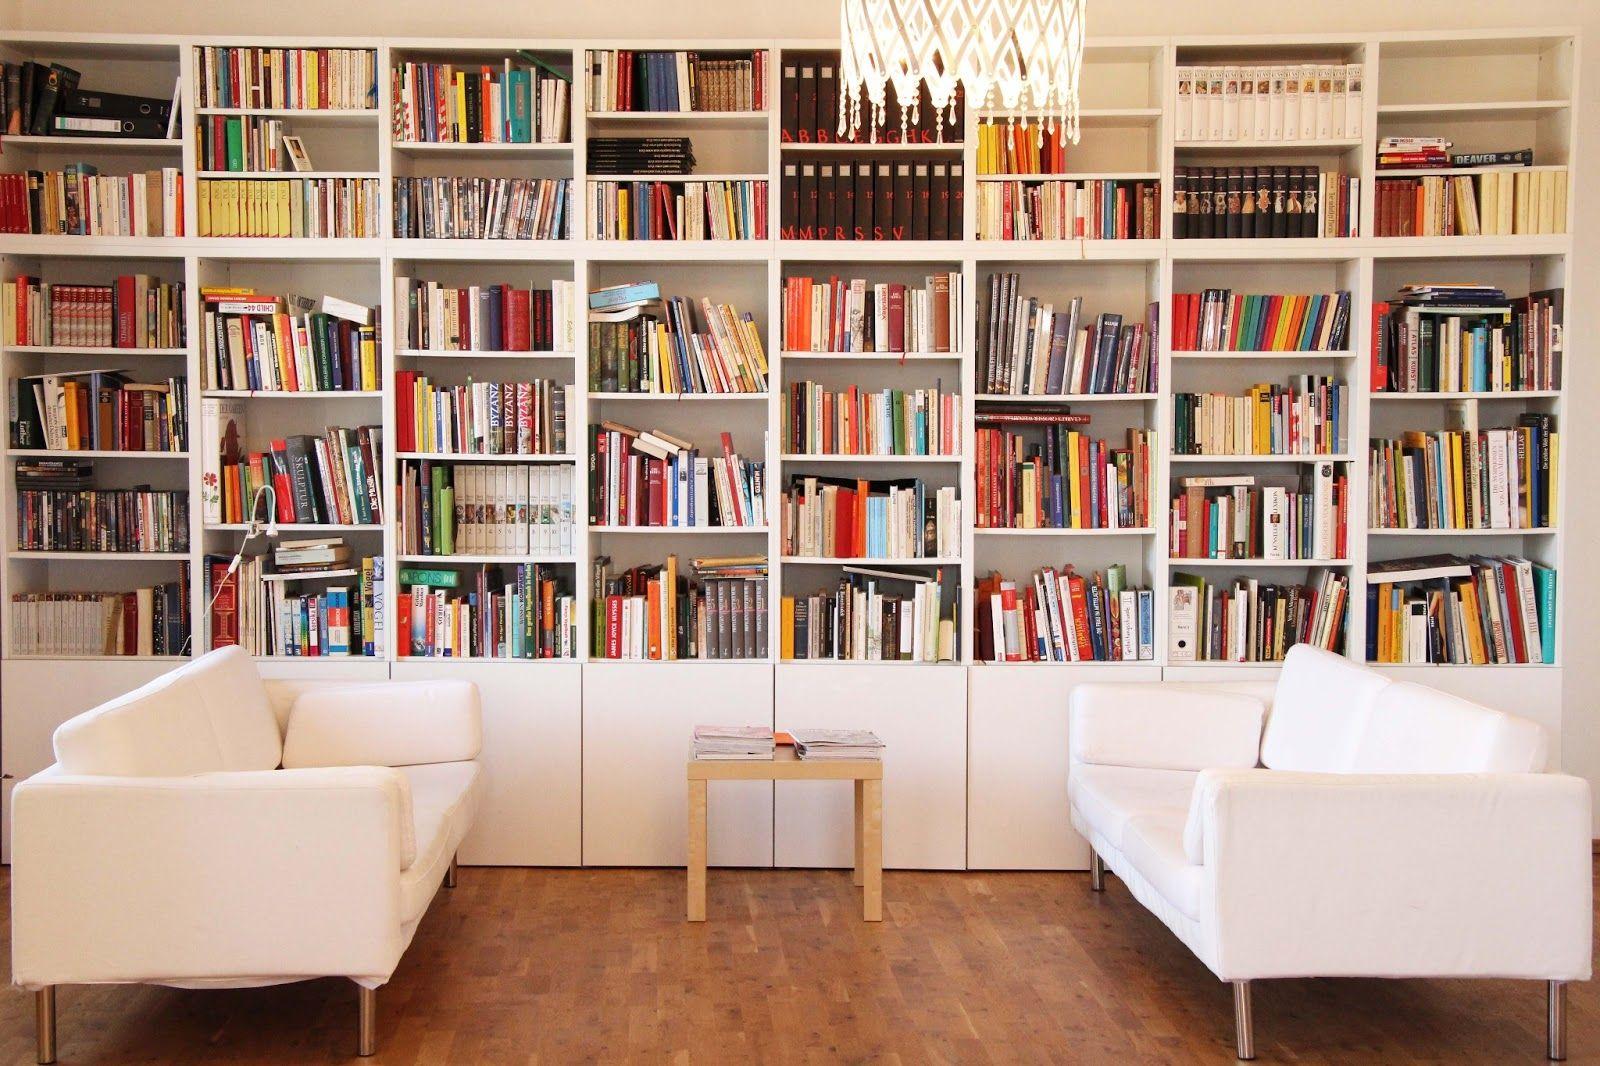 Haseundflo Helden Des Alltags Bücher Bibliothek Zuhause Bücherwand Hausbibliothek